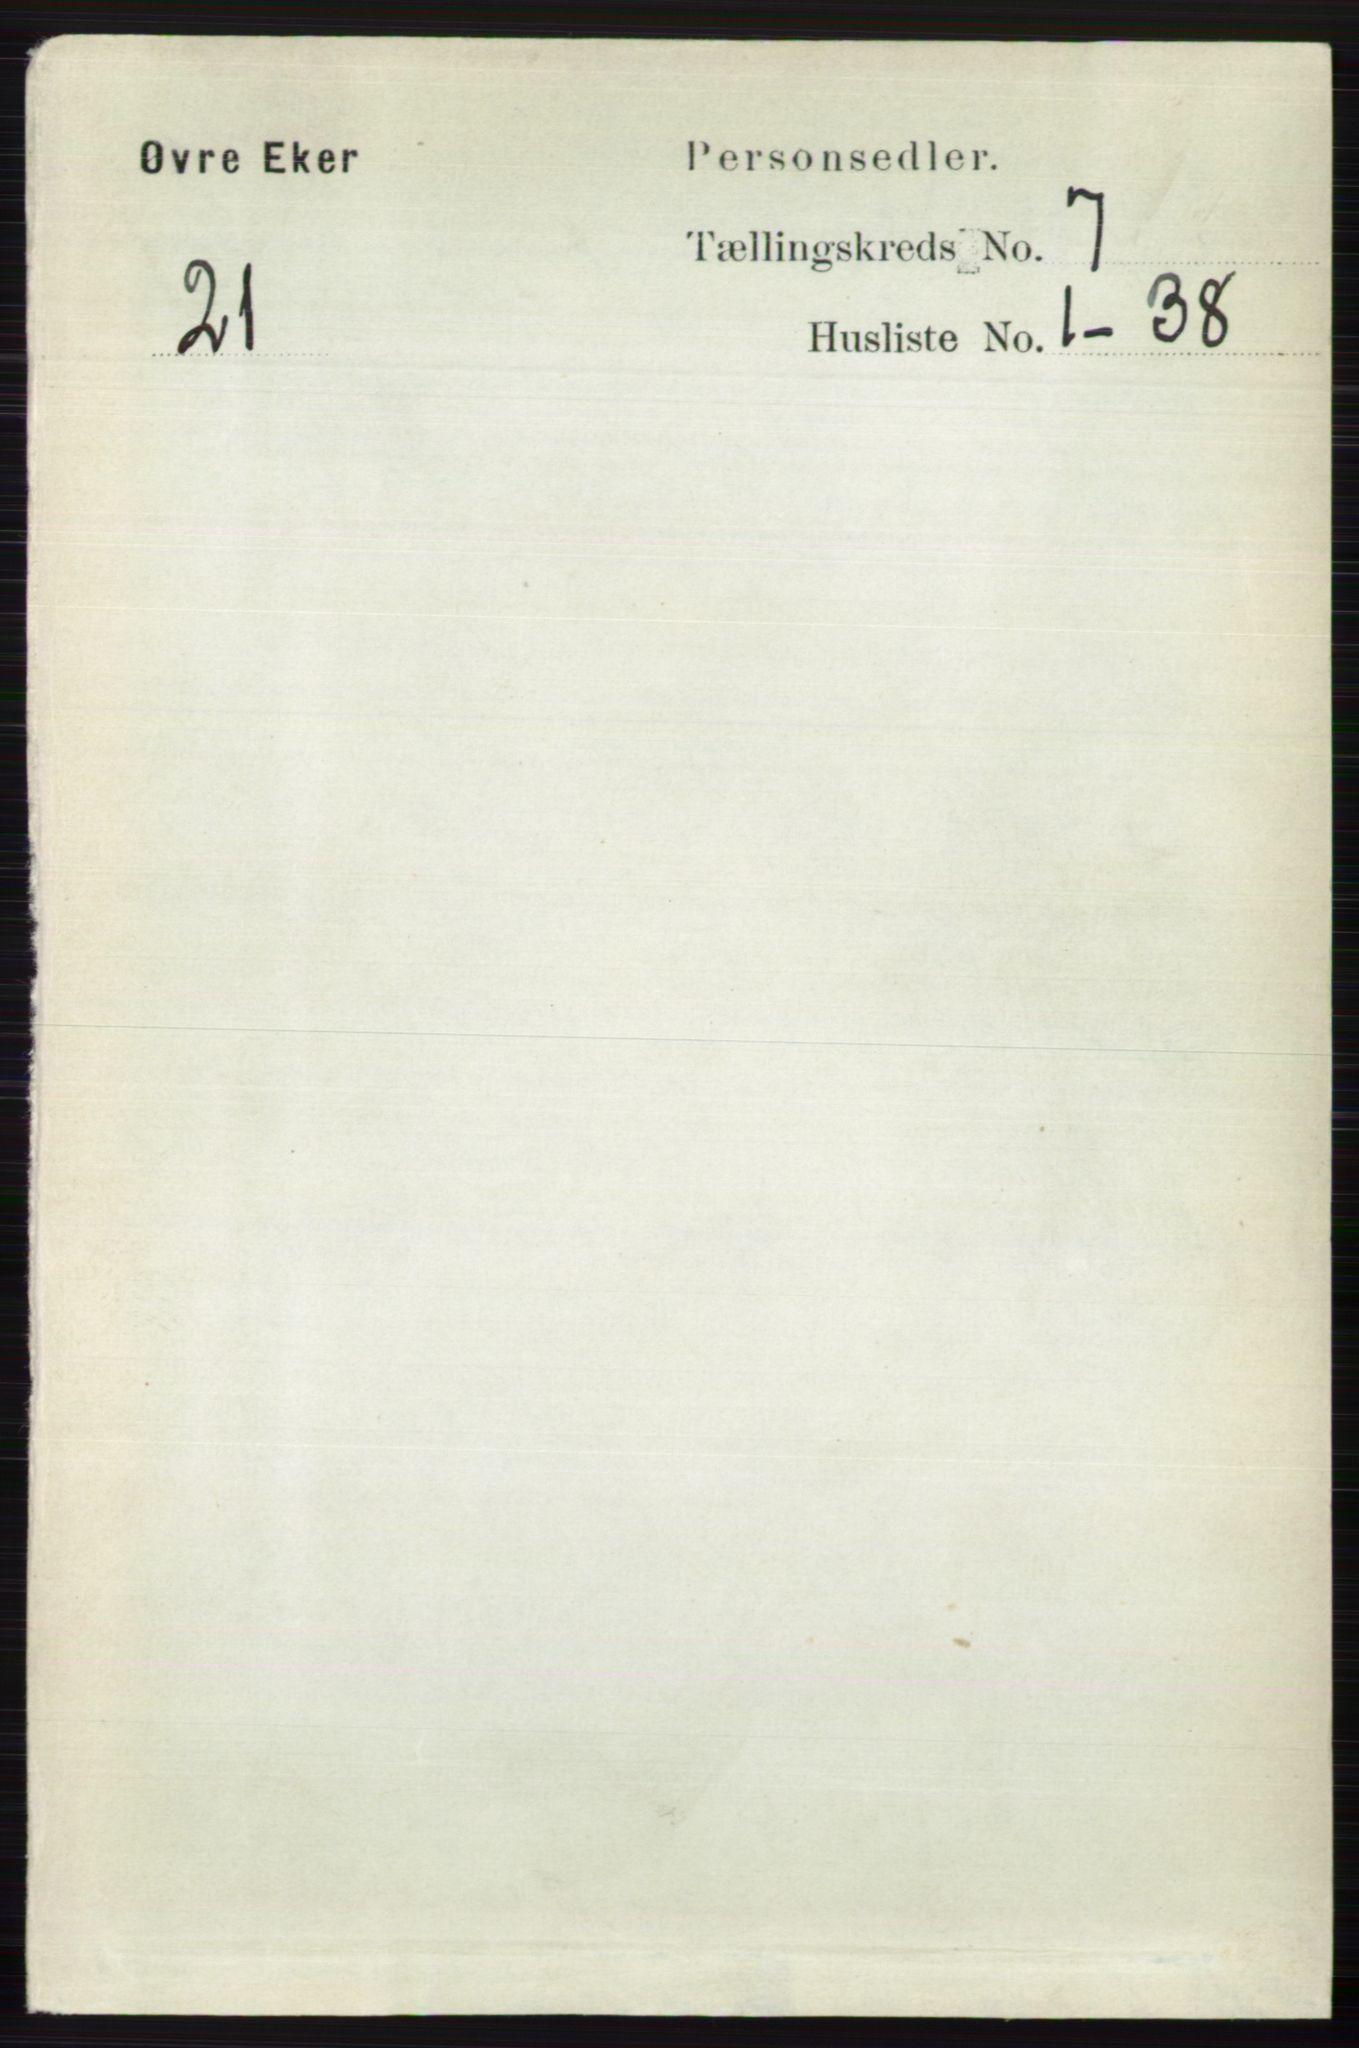 RA, Folketelling 1891 for 0624 Øvre Eiker herred, 1891, s. 2666